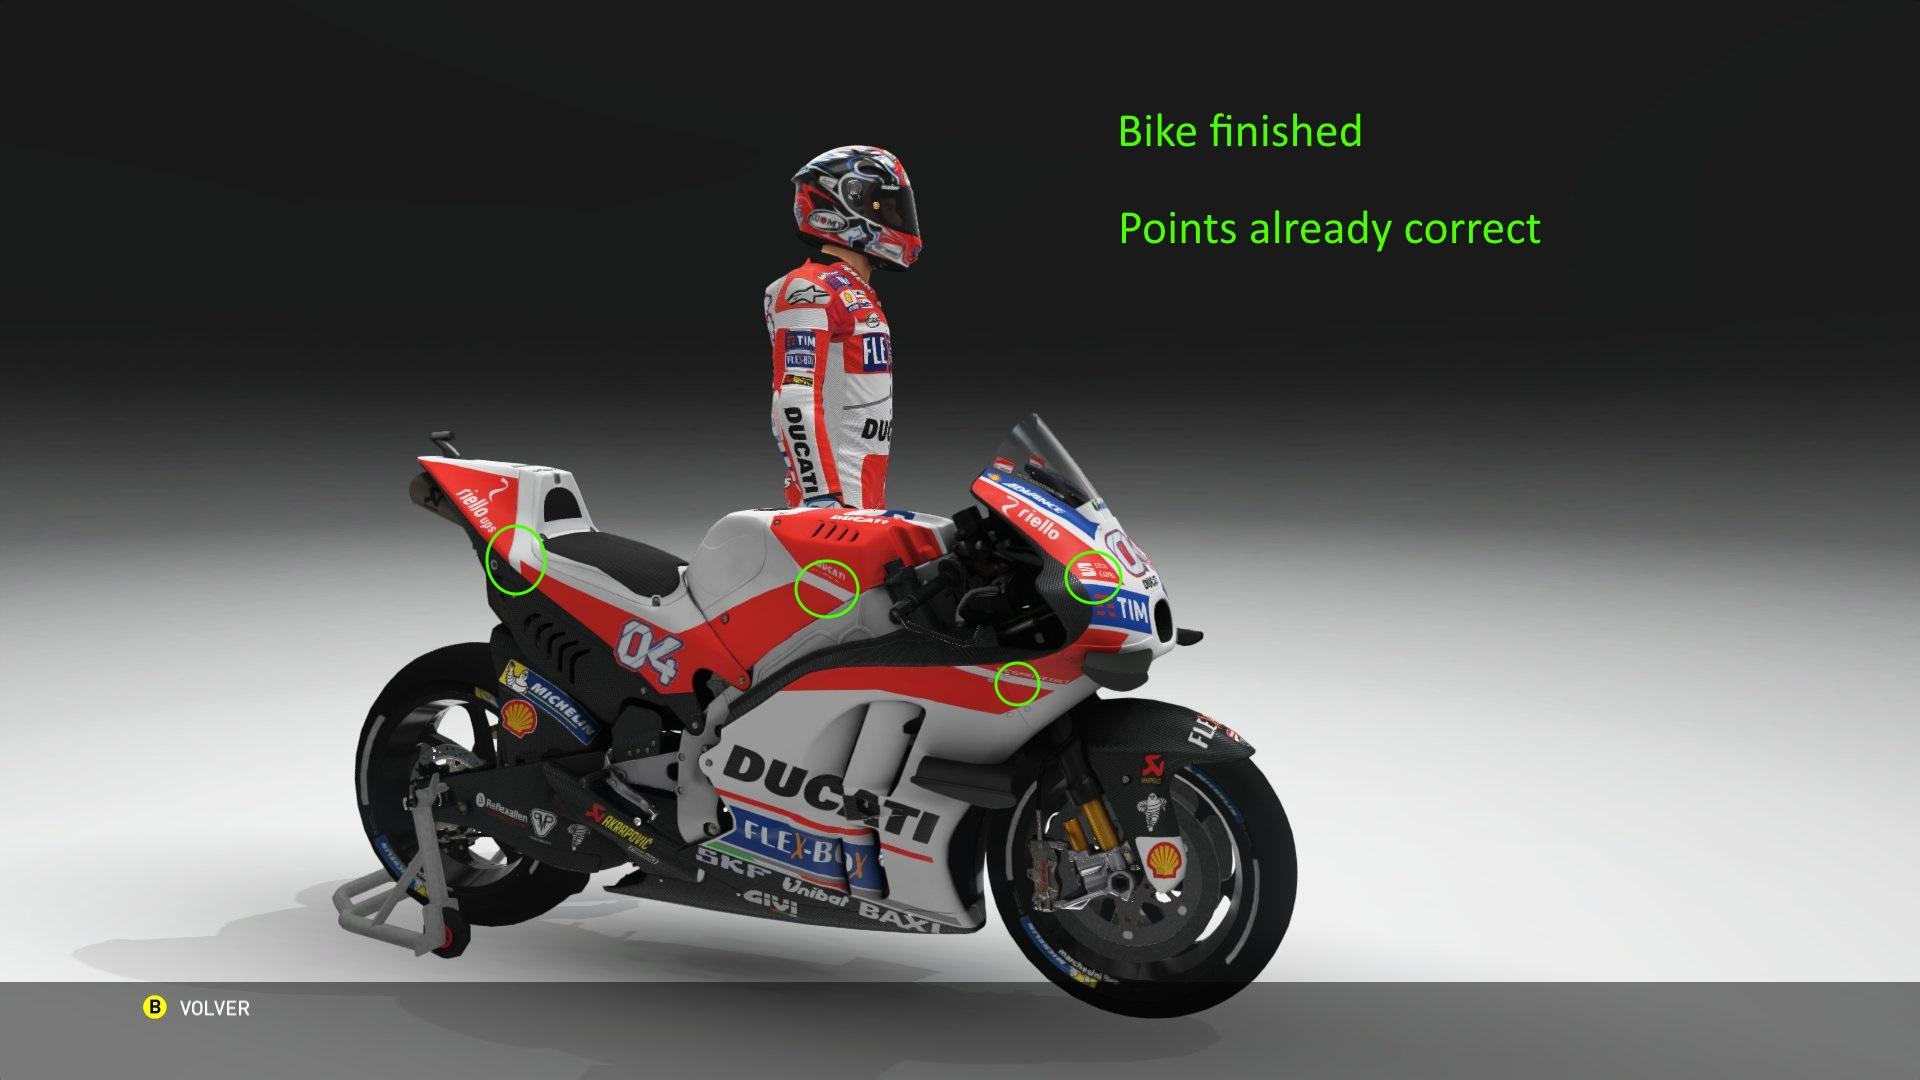 MotoGPVR46X64_2017-02-07_15-49-24-875.jpg